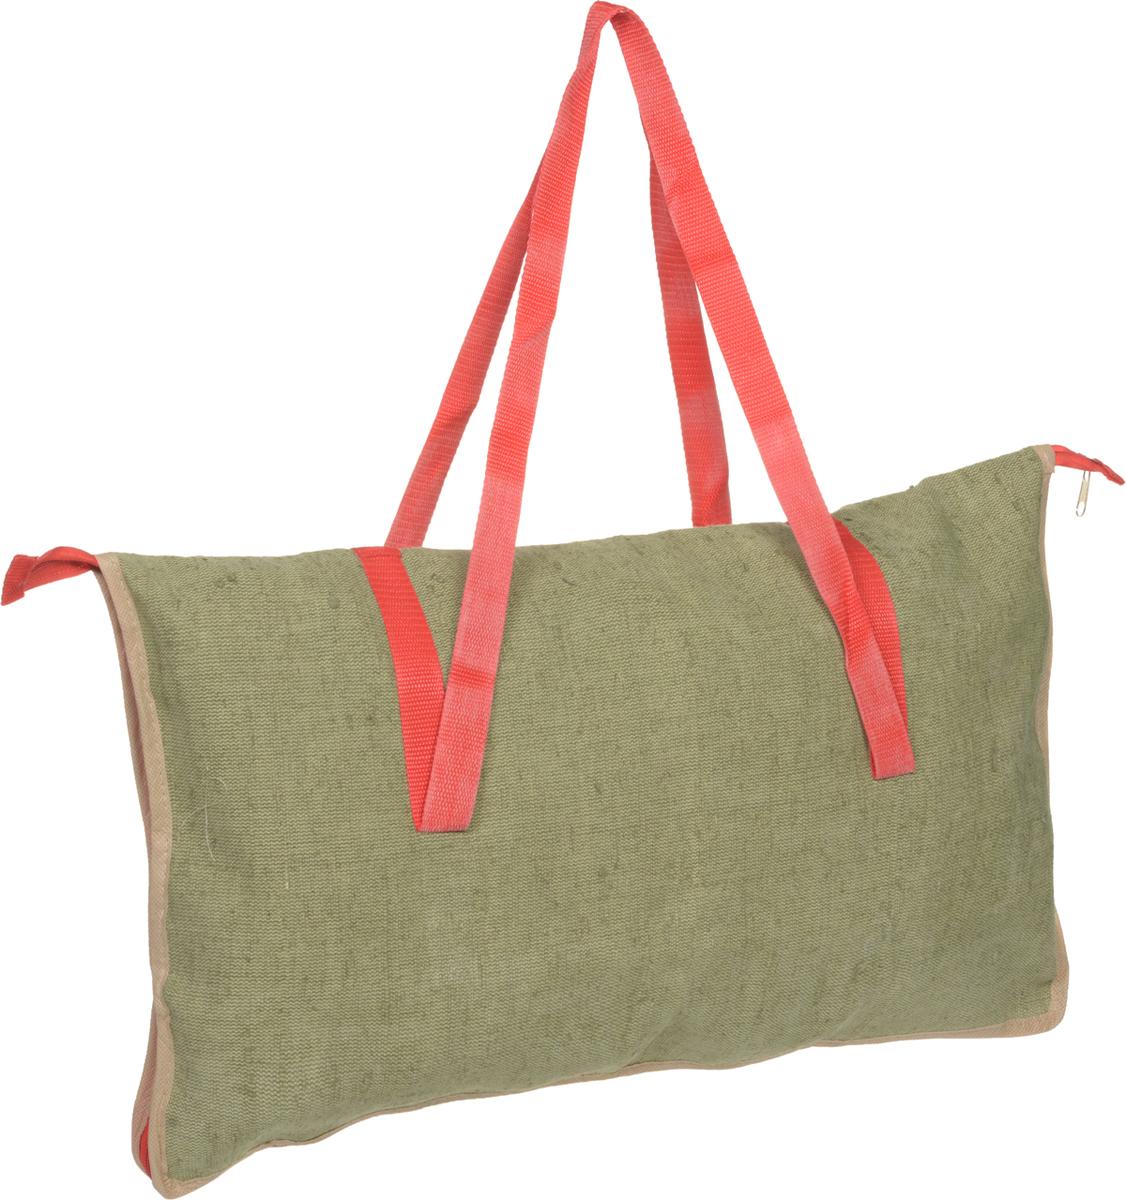 Сумка для мангала Eva, с молнией, цвет: зеленый, красный, 36 х 62 смК24_зеленый, красныйСумка Eva изготовлена из цветного хлопка с леном и предназначена для переноски мангала на пикнике и в туристических походах. Изделие оснащено двумя удобными ручками и молнией. Сумка Eva станет незаменимым аксессуаром на вашем отдыхе! Размер сумки: 36 х 62 см. Высота ручек: 40 см.